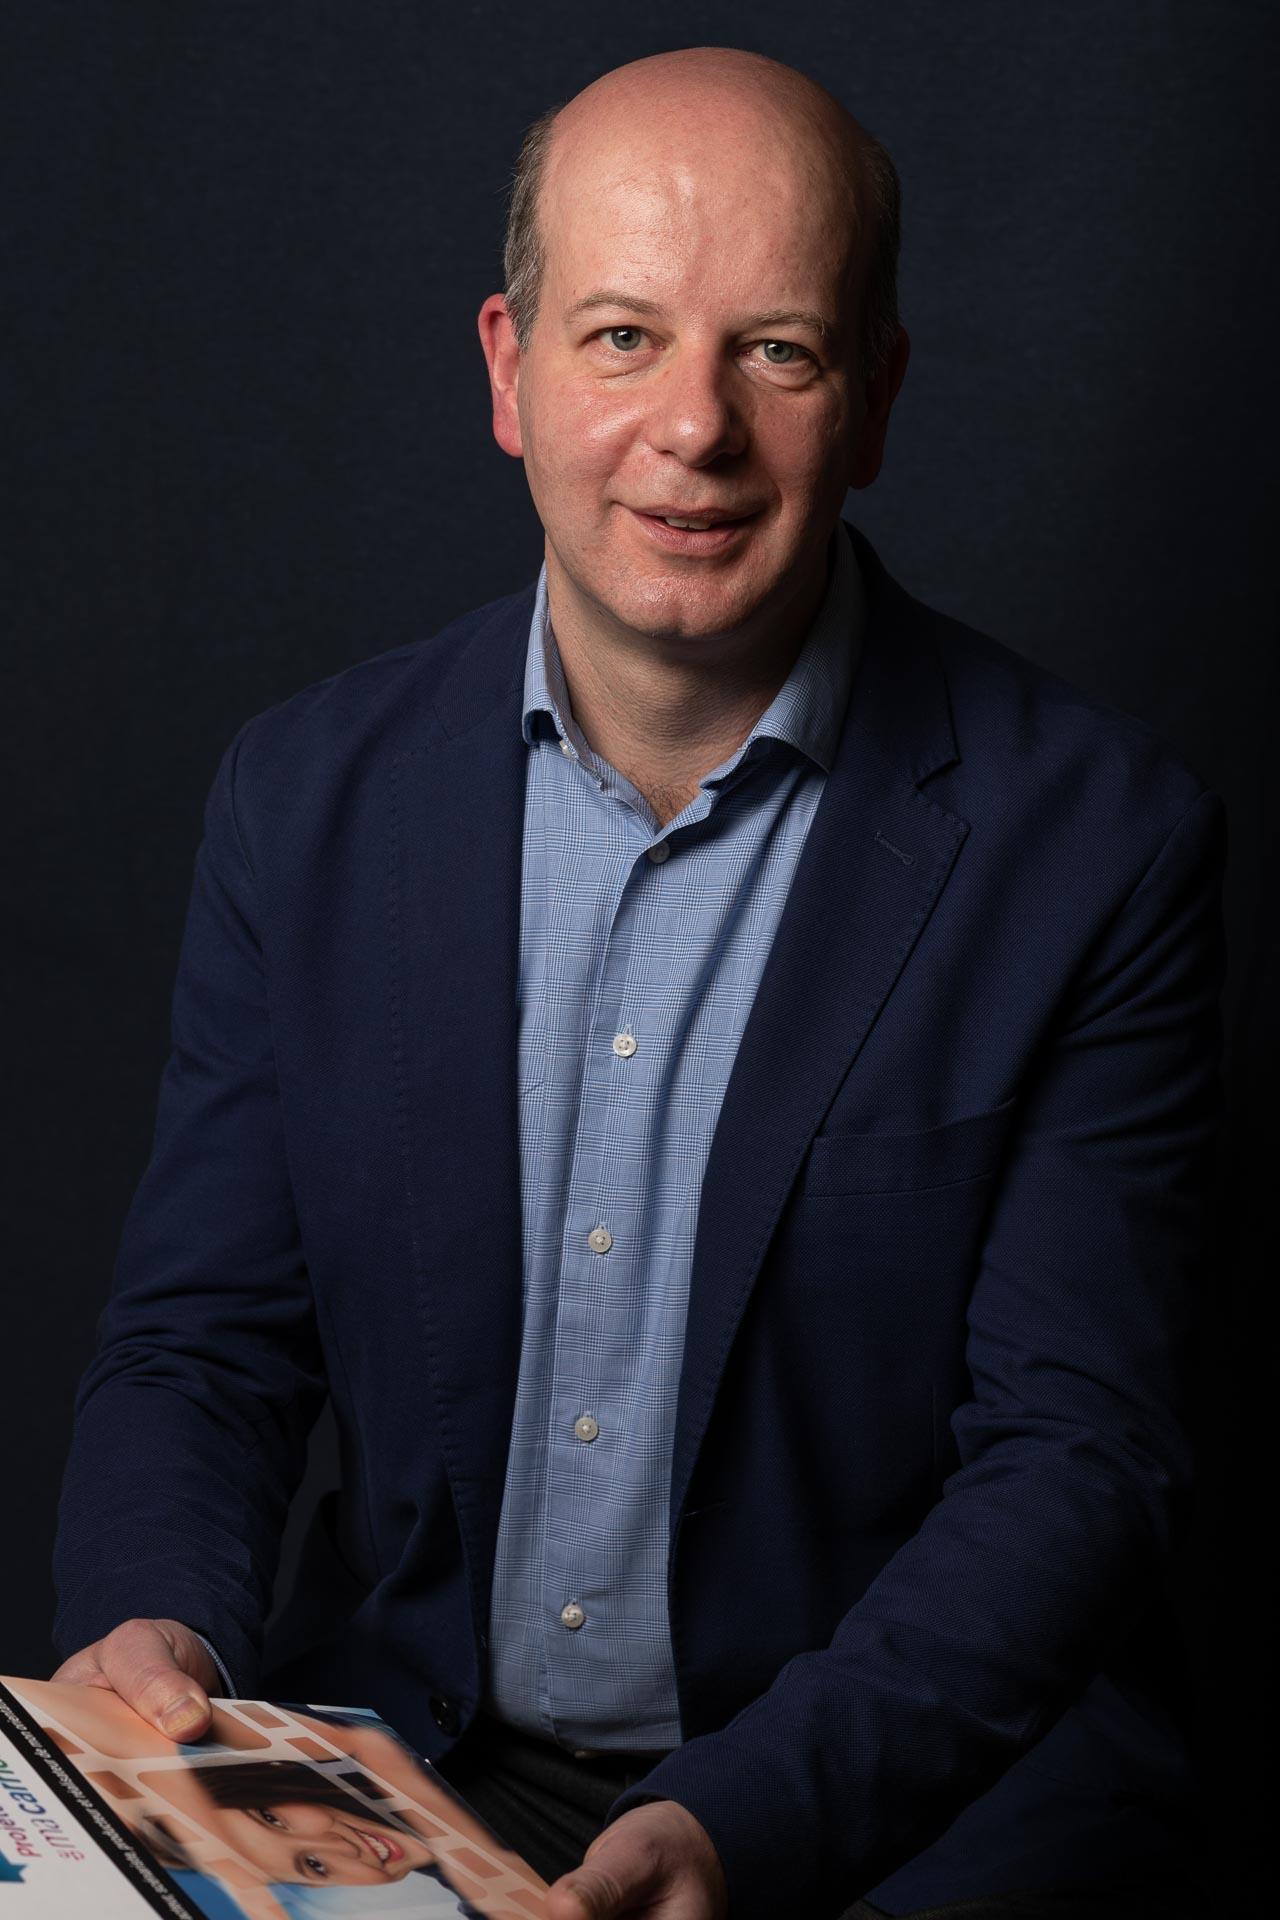 Pascal Peterfalvi